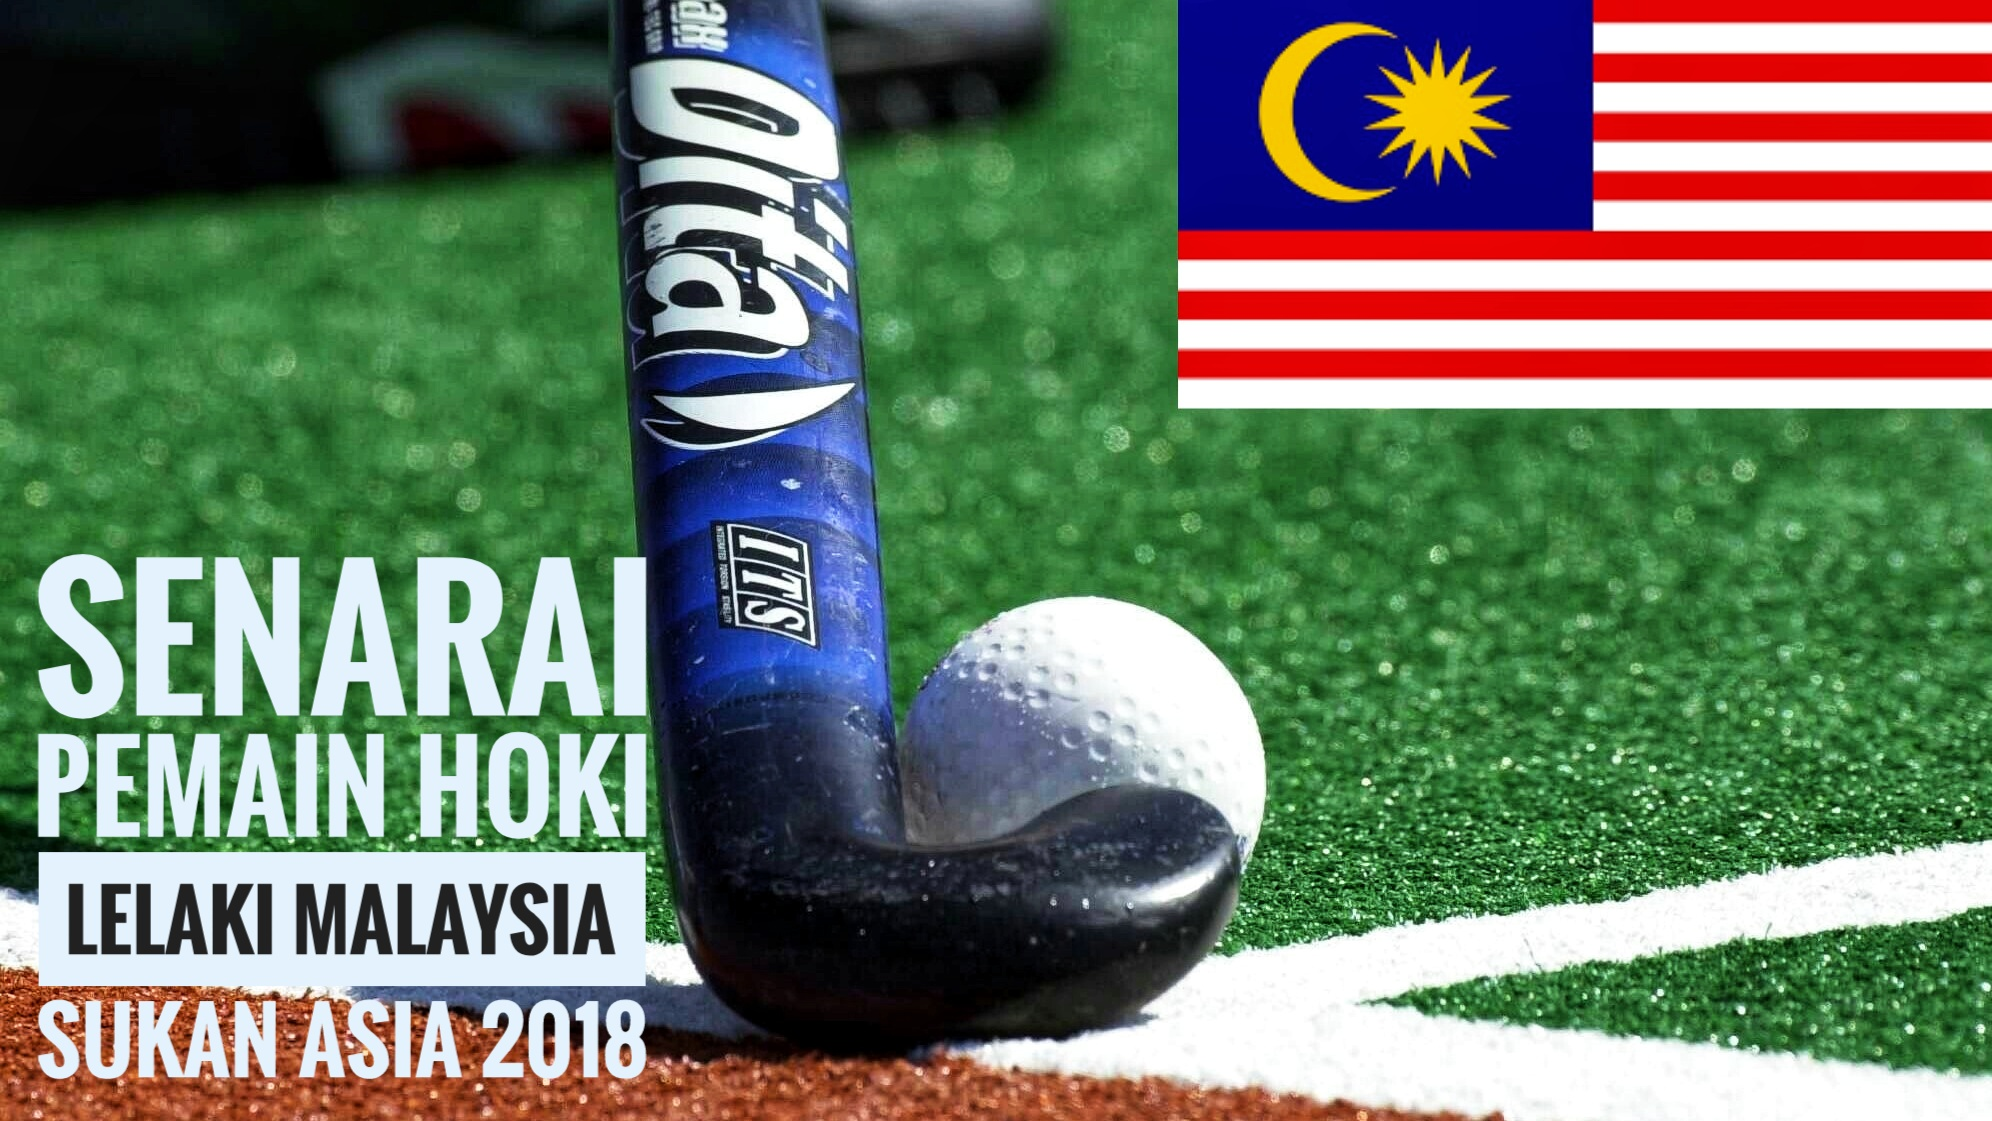 Senarai Pemain Hoki Lelaki Malaysia Sukan Asia 2018